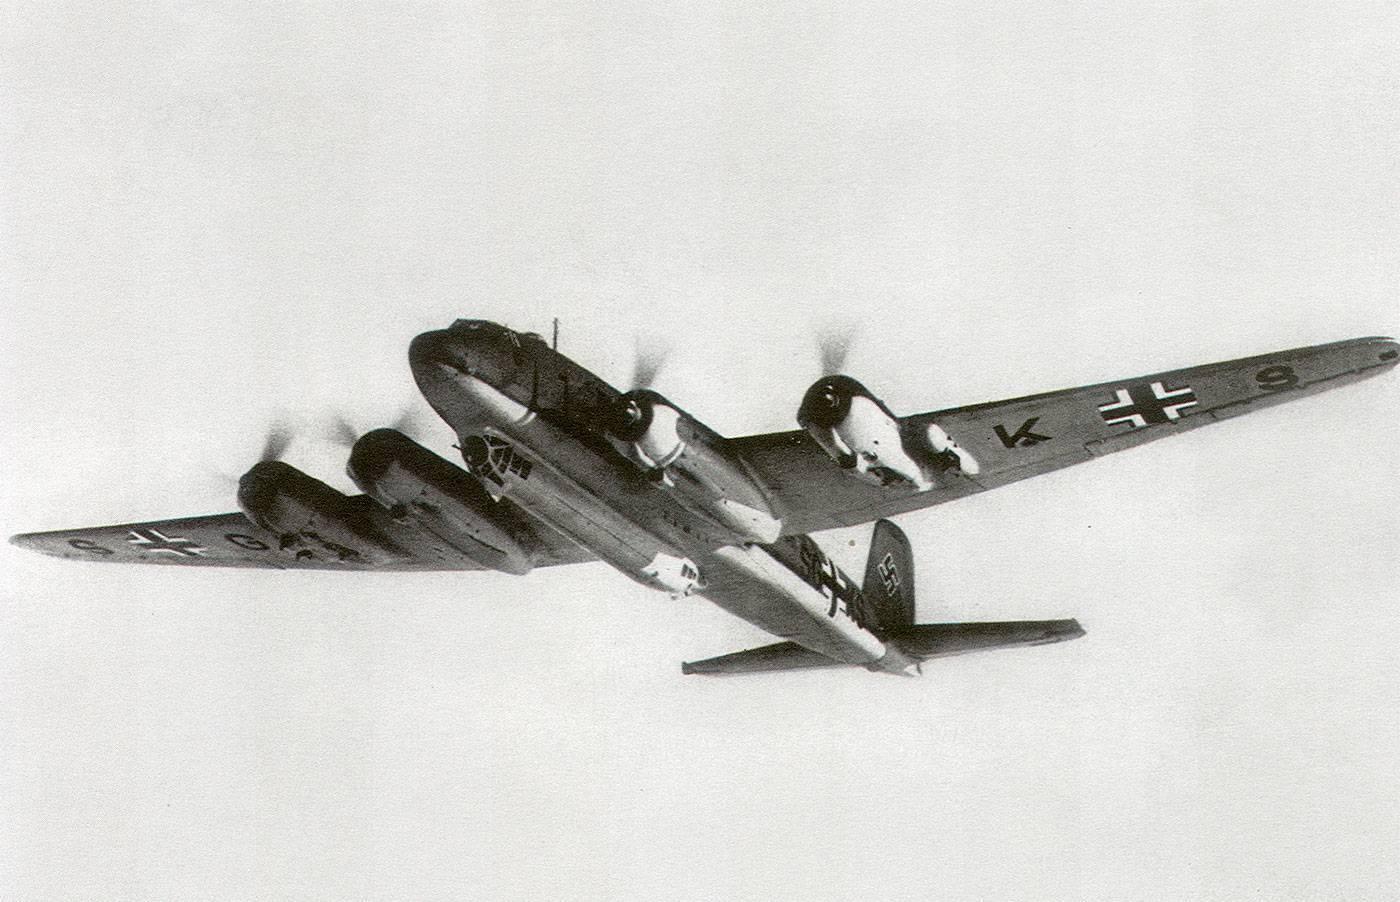 Focke-wulf fw 200 condor